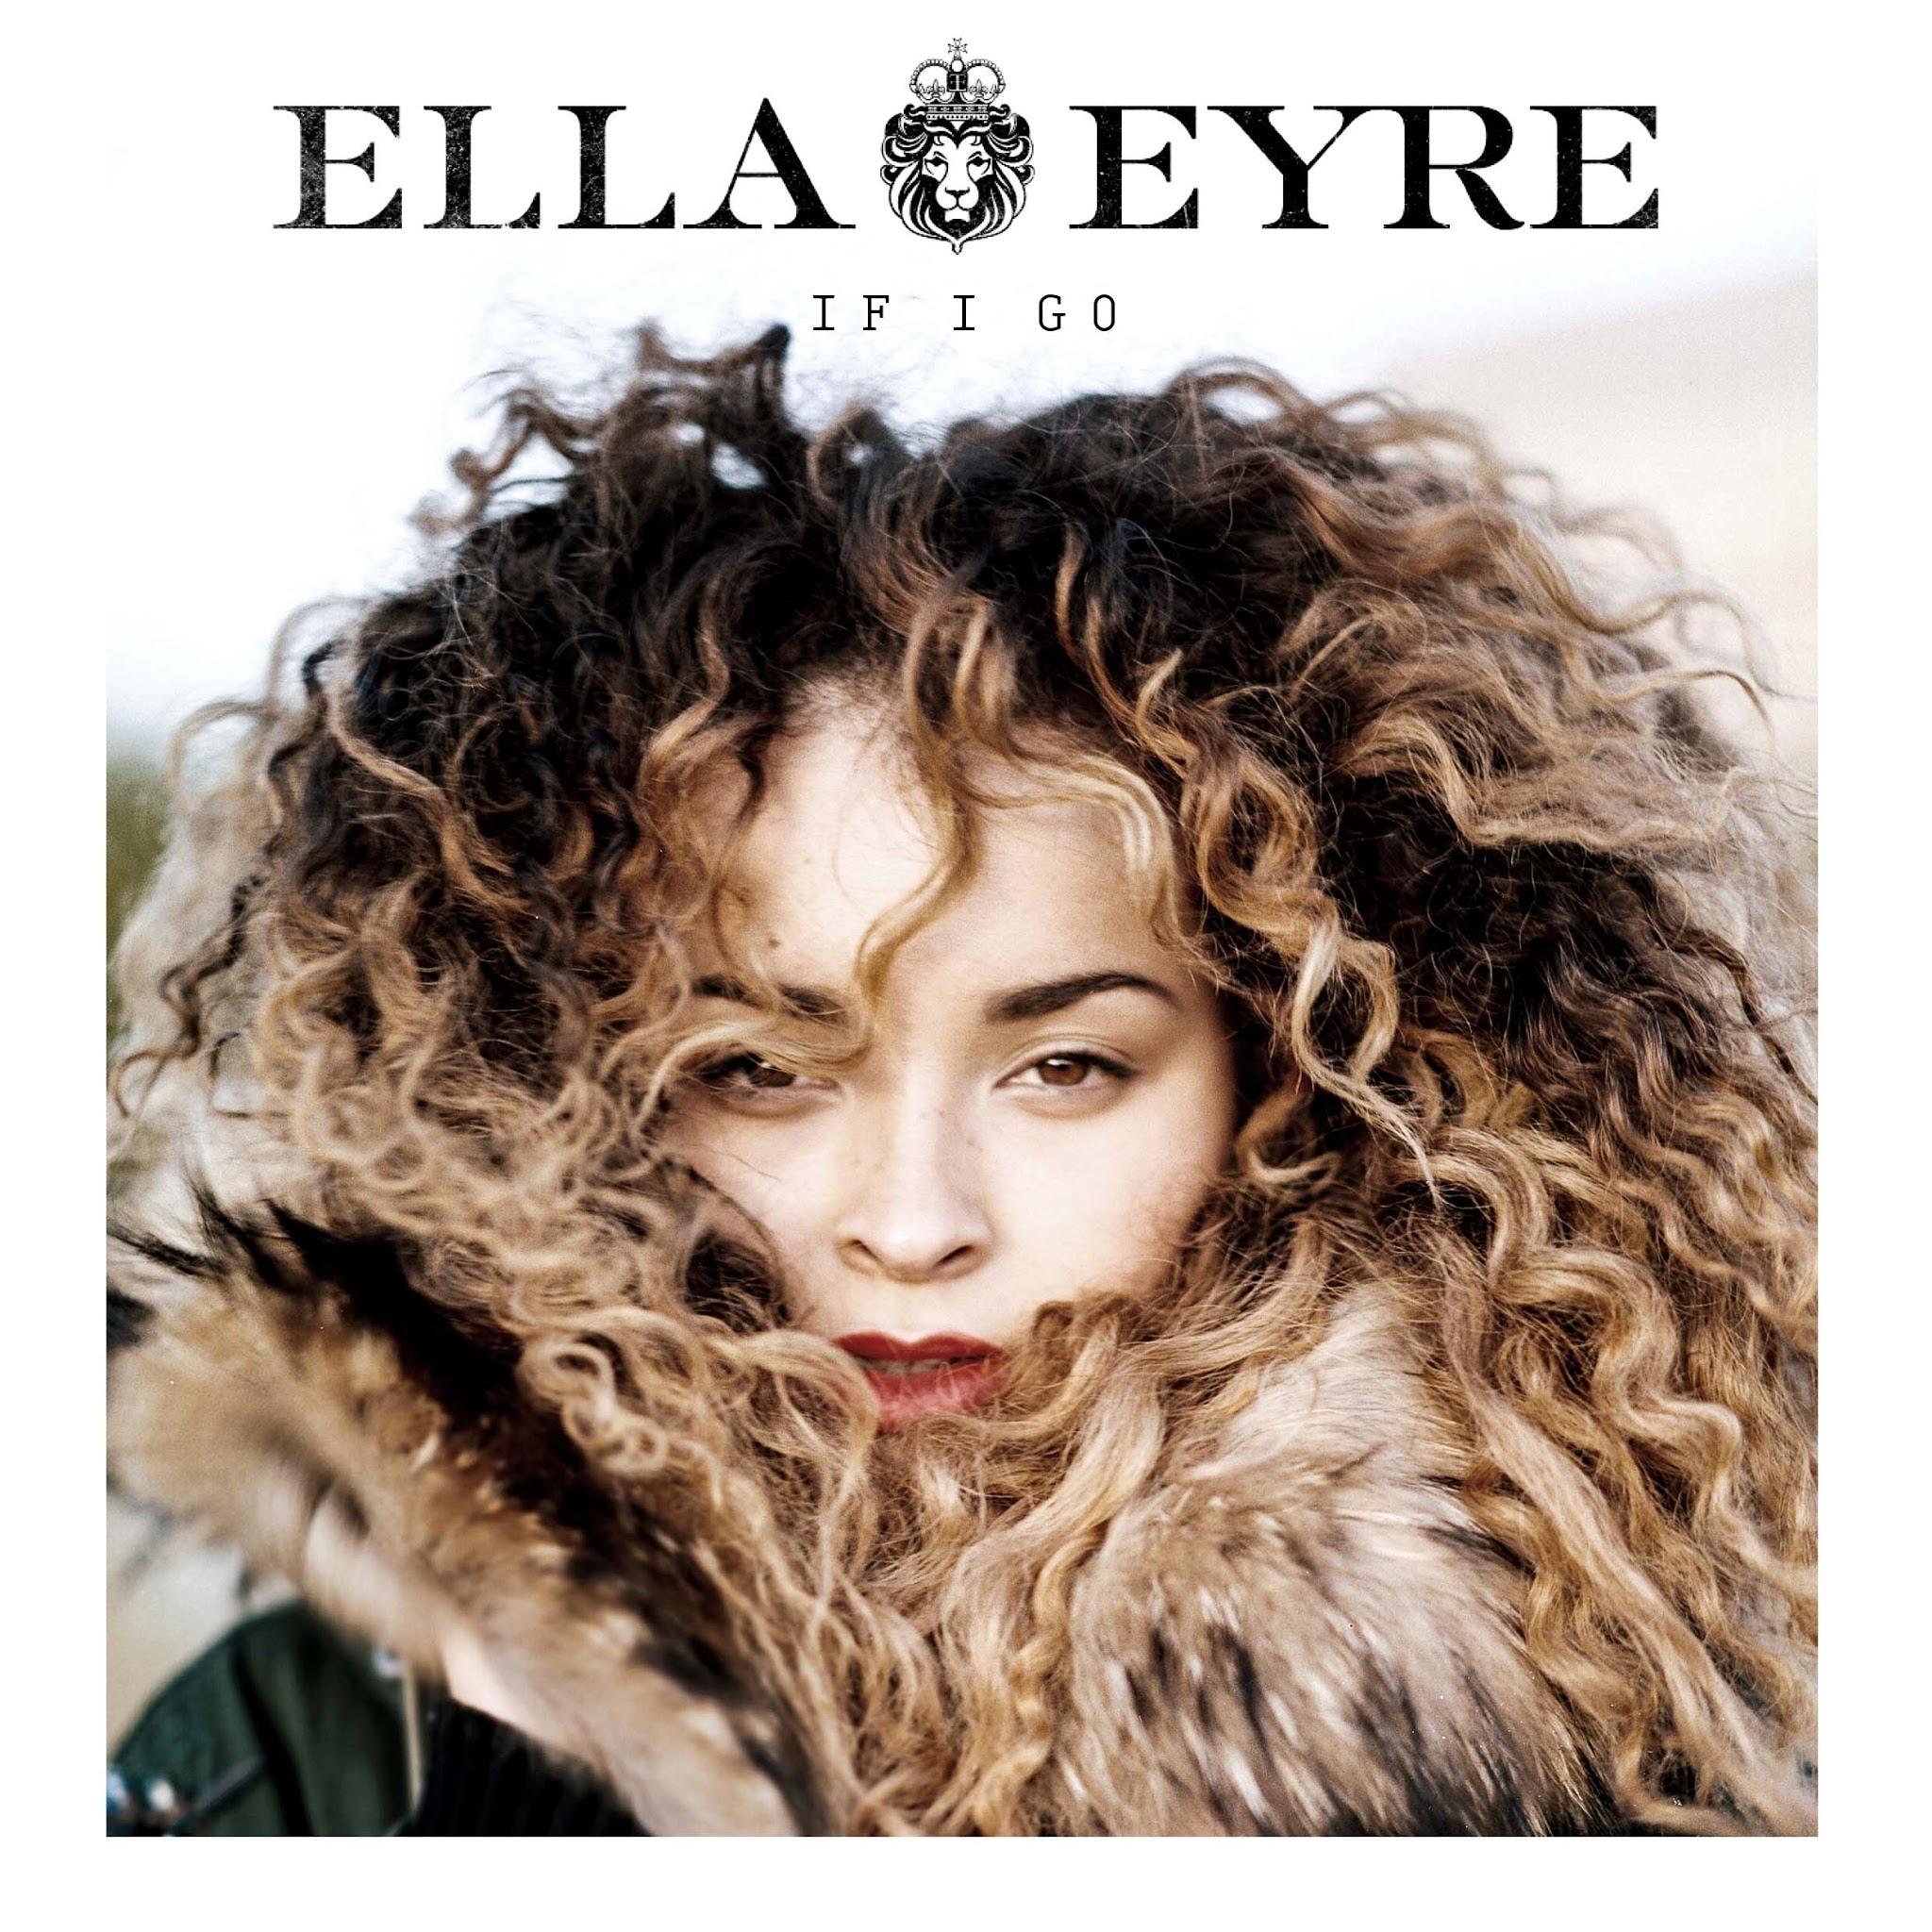 Hot Video Alert: Ella Eyre - If I Go